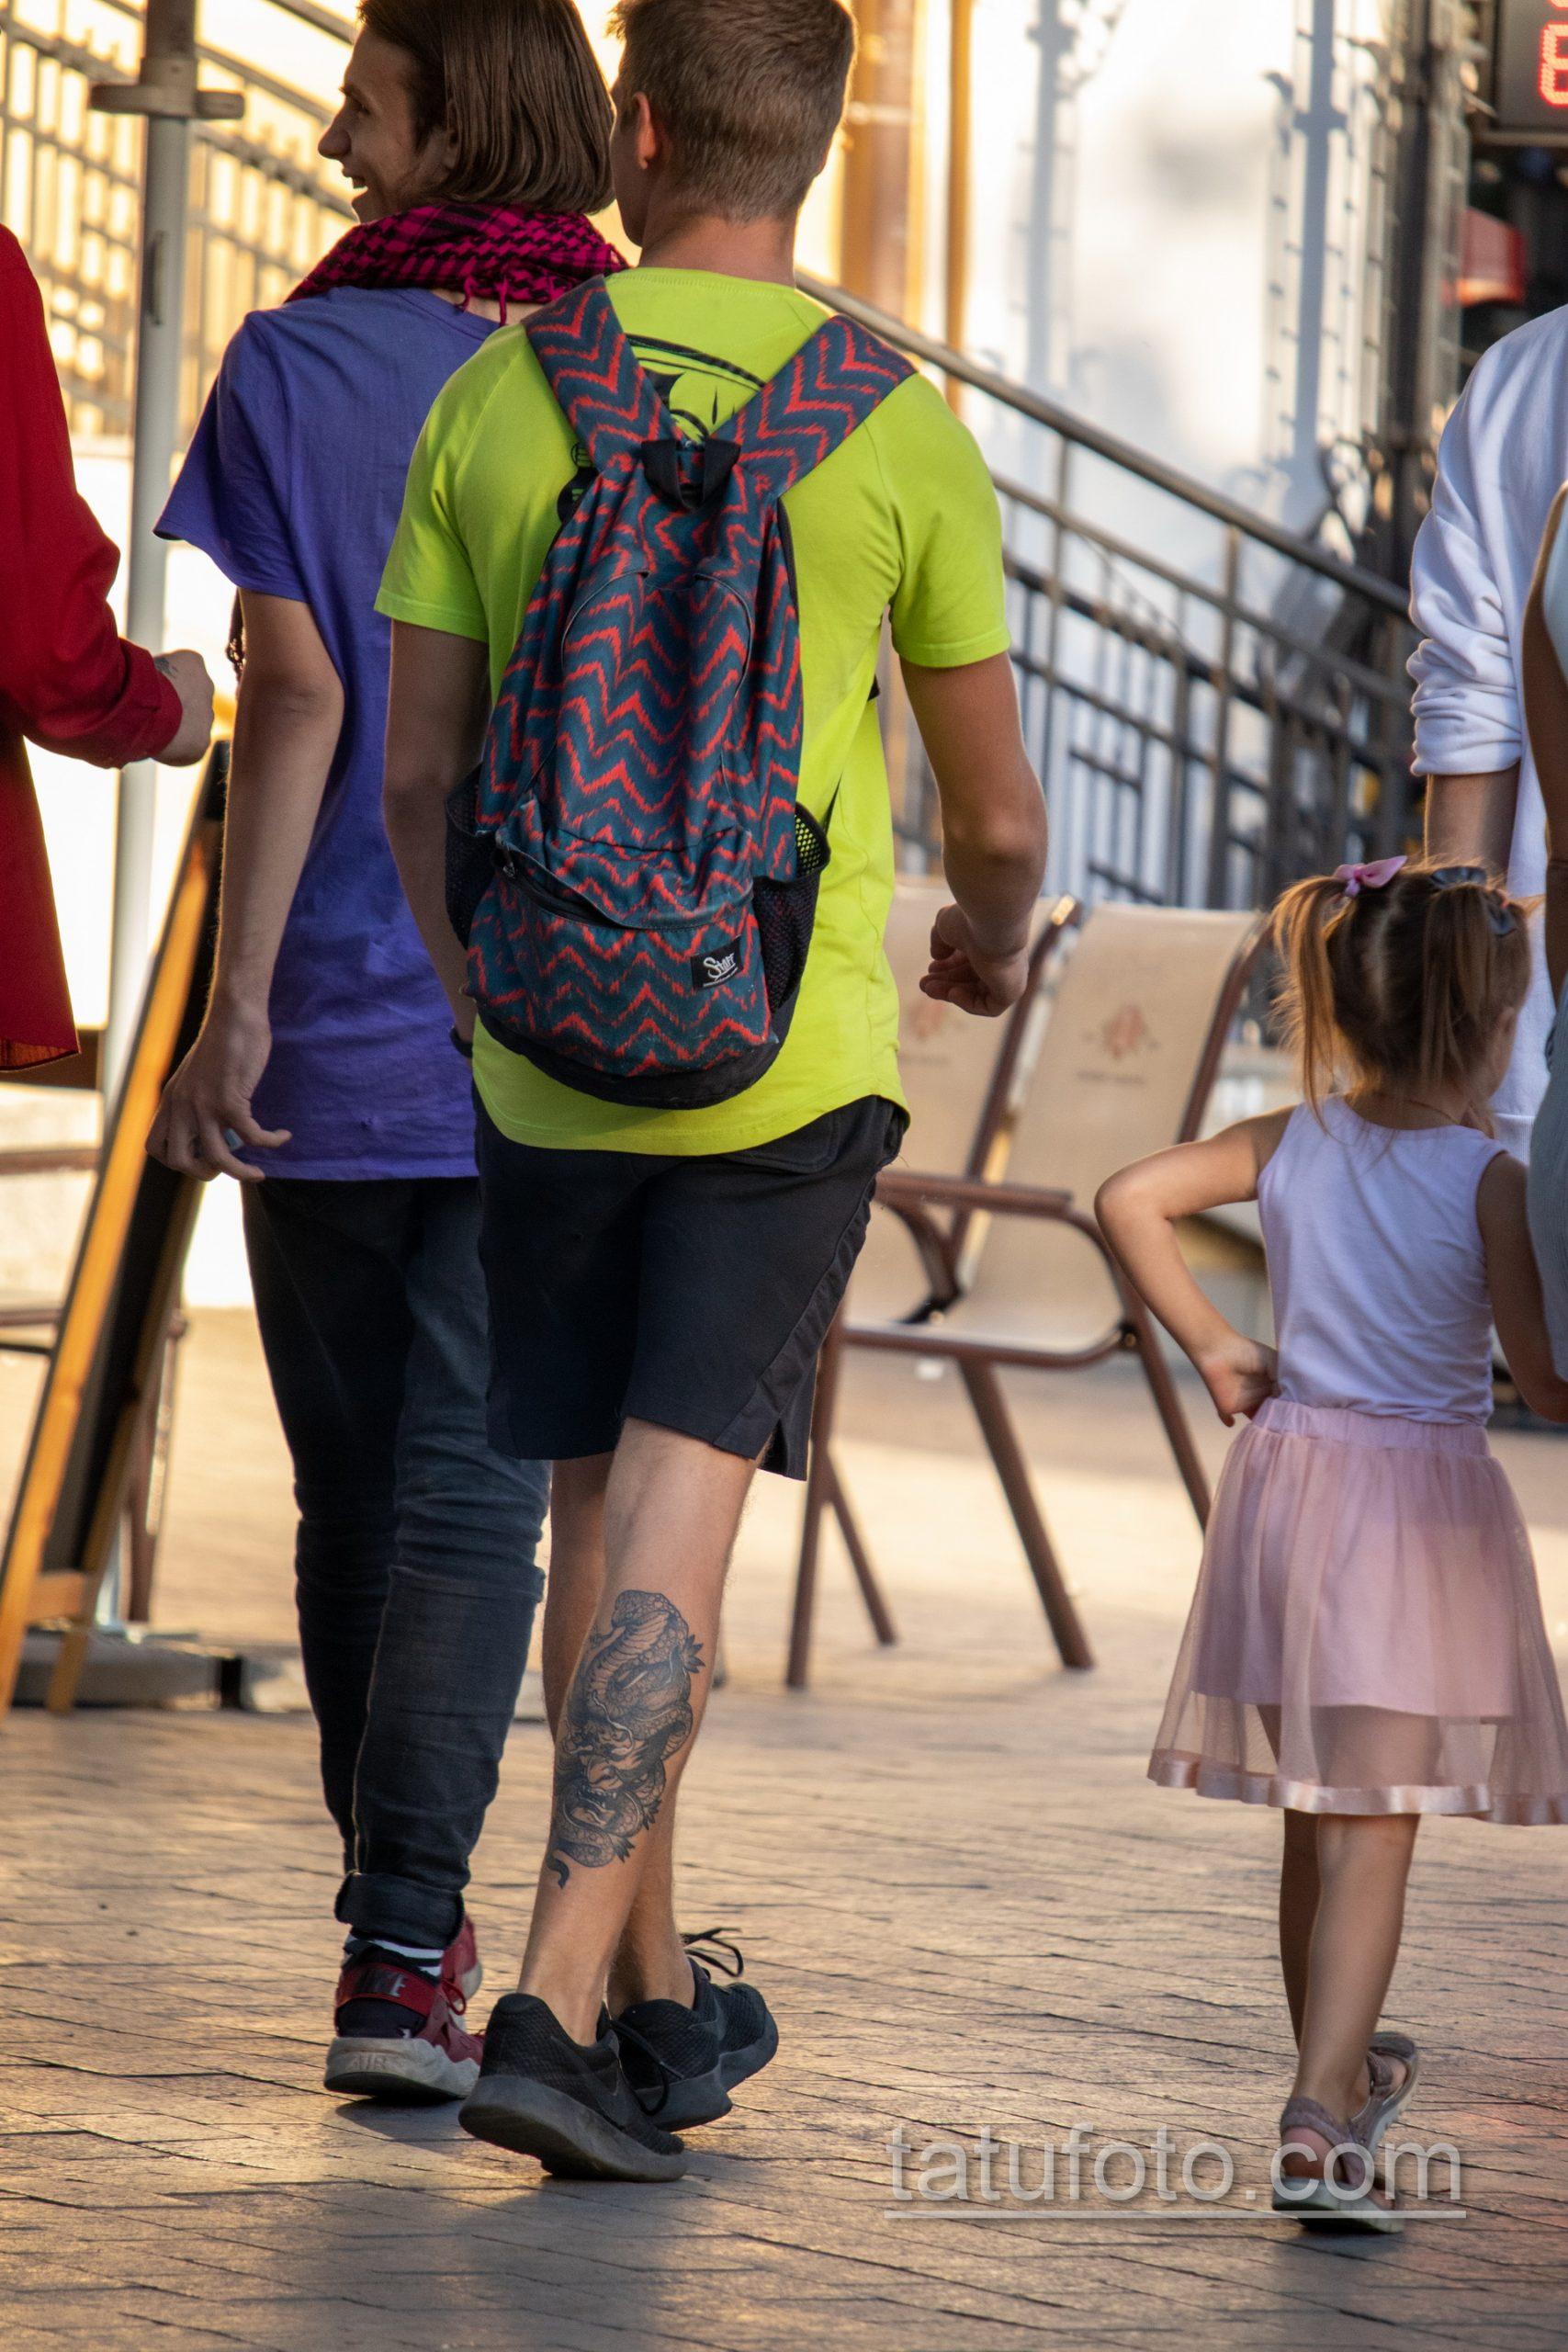 Тату маска японского демона и кобра внизу ноги парня – Уличная татуировка 14.09.2020 – tatufoto.com 5